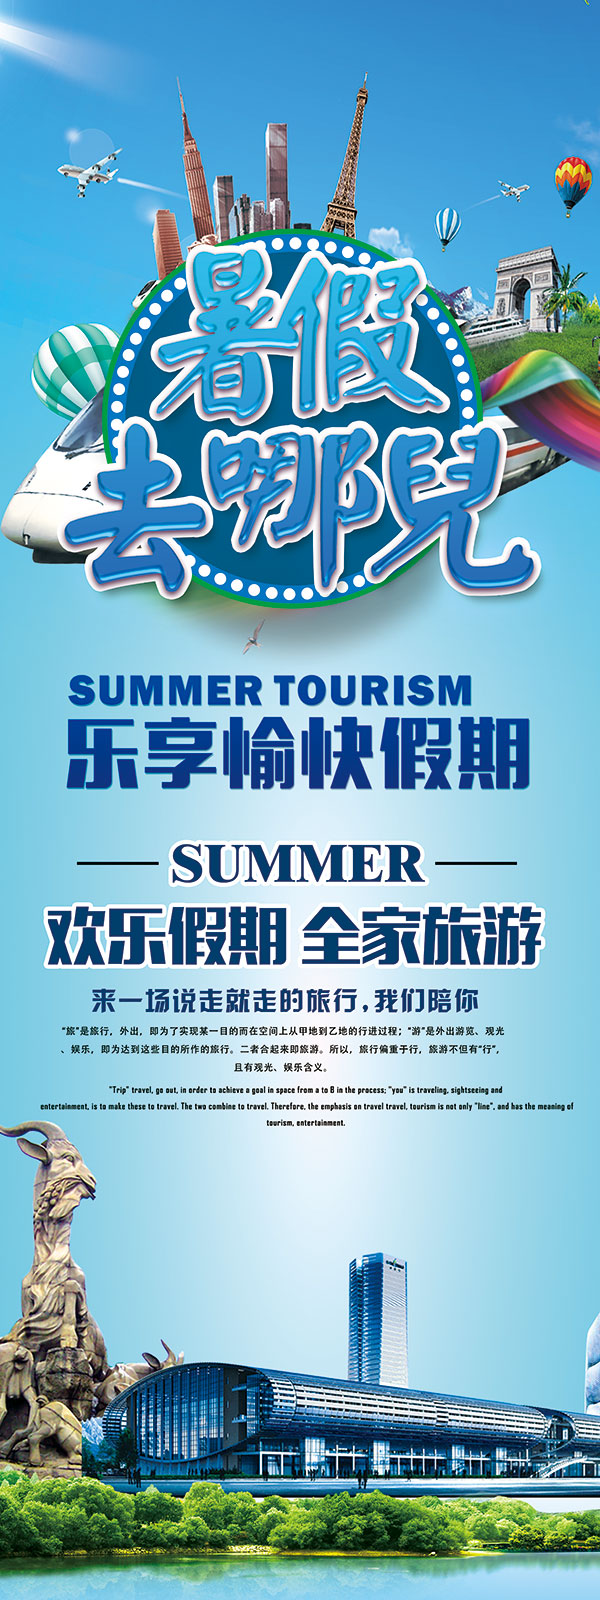 暑假旅游易拉宝